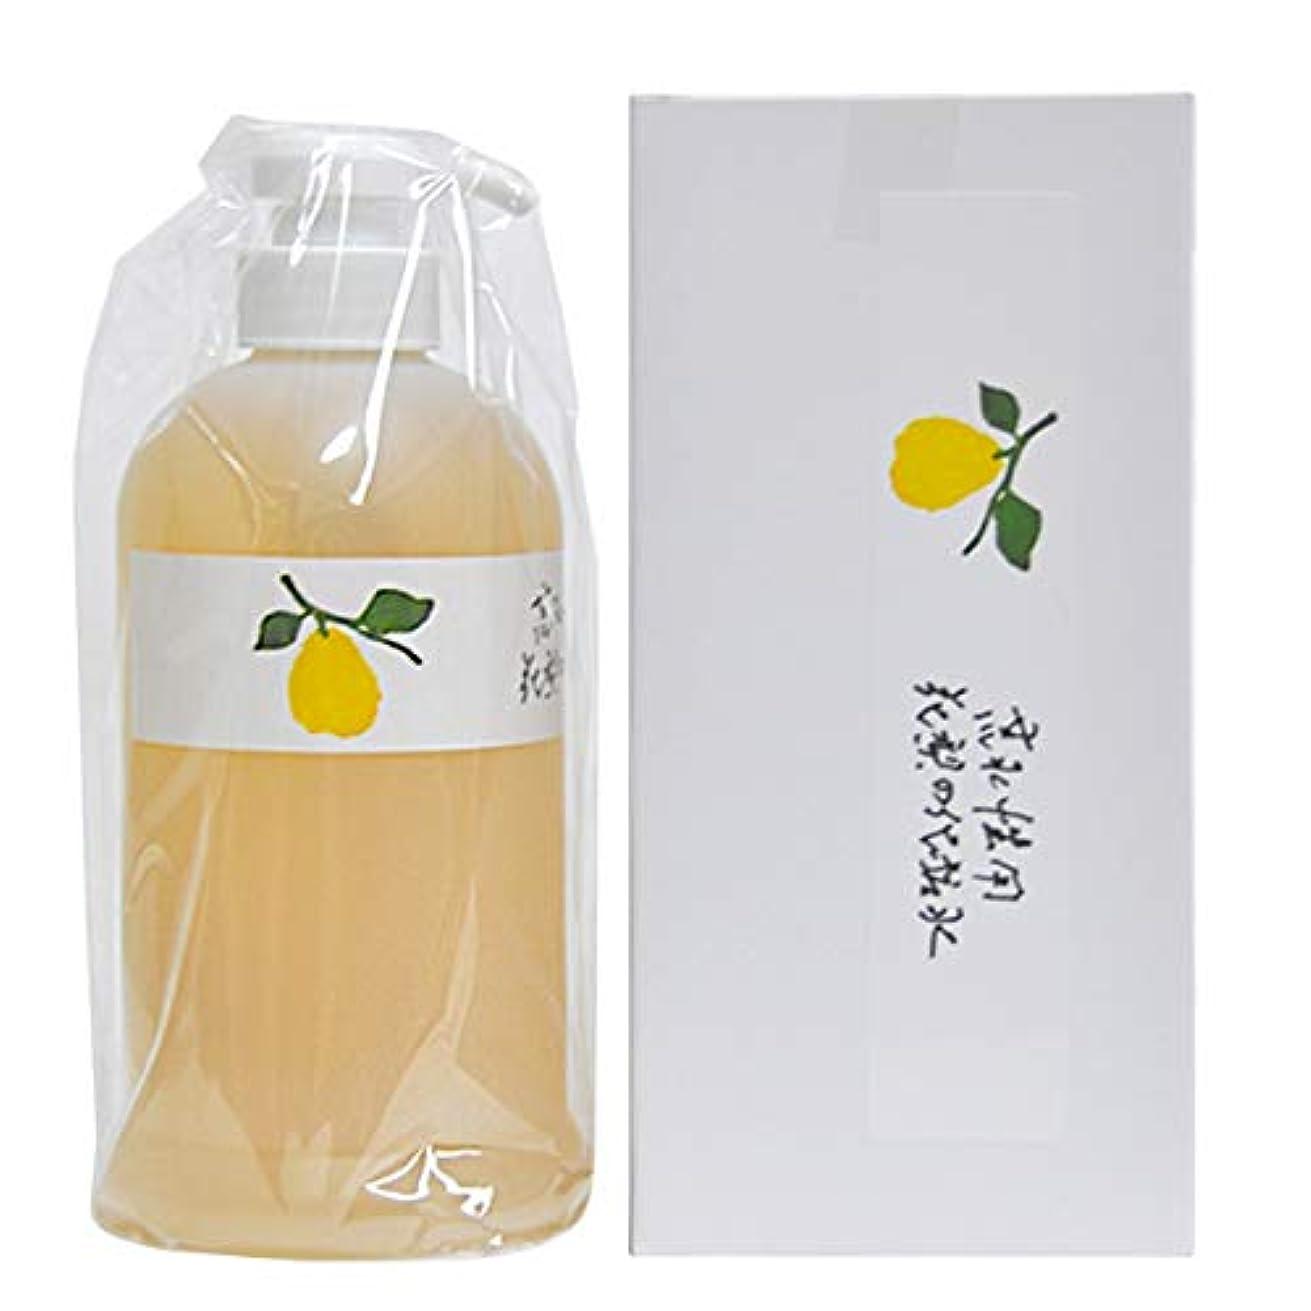 マチュピチュ露忍耐花梨の化粧水 お徳用ホームサイズ 630ml